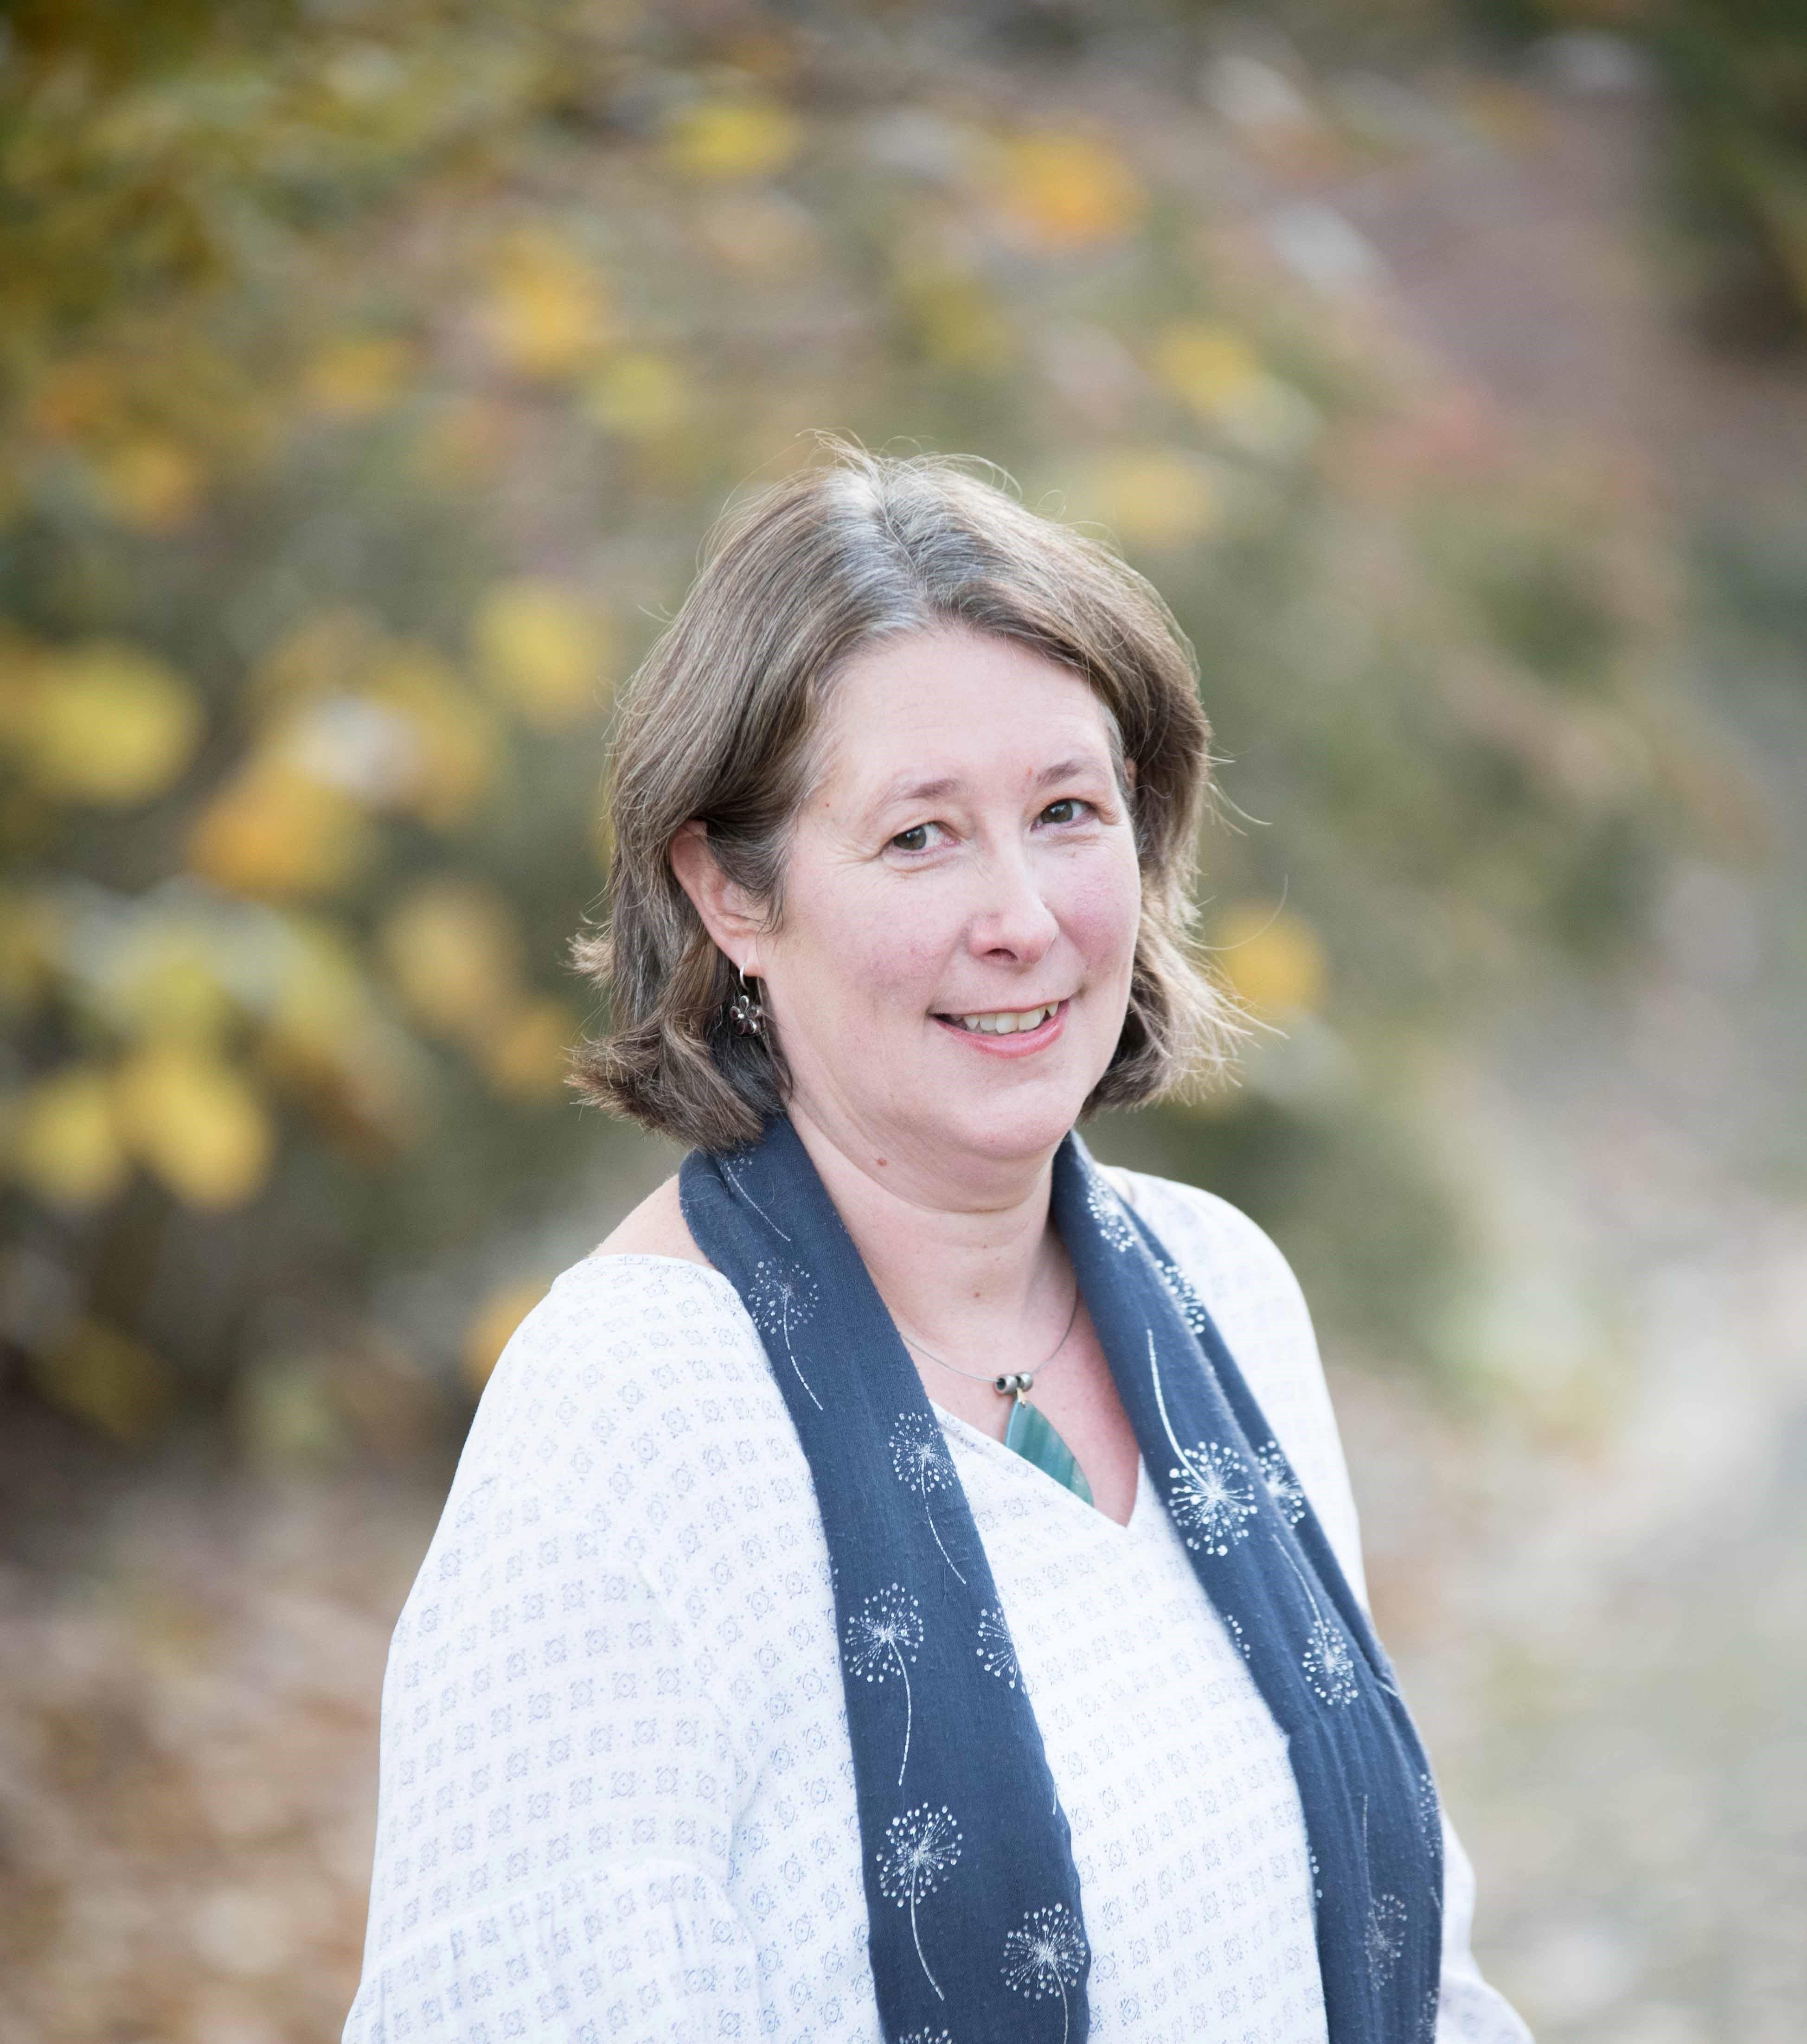 Frances Maclean